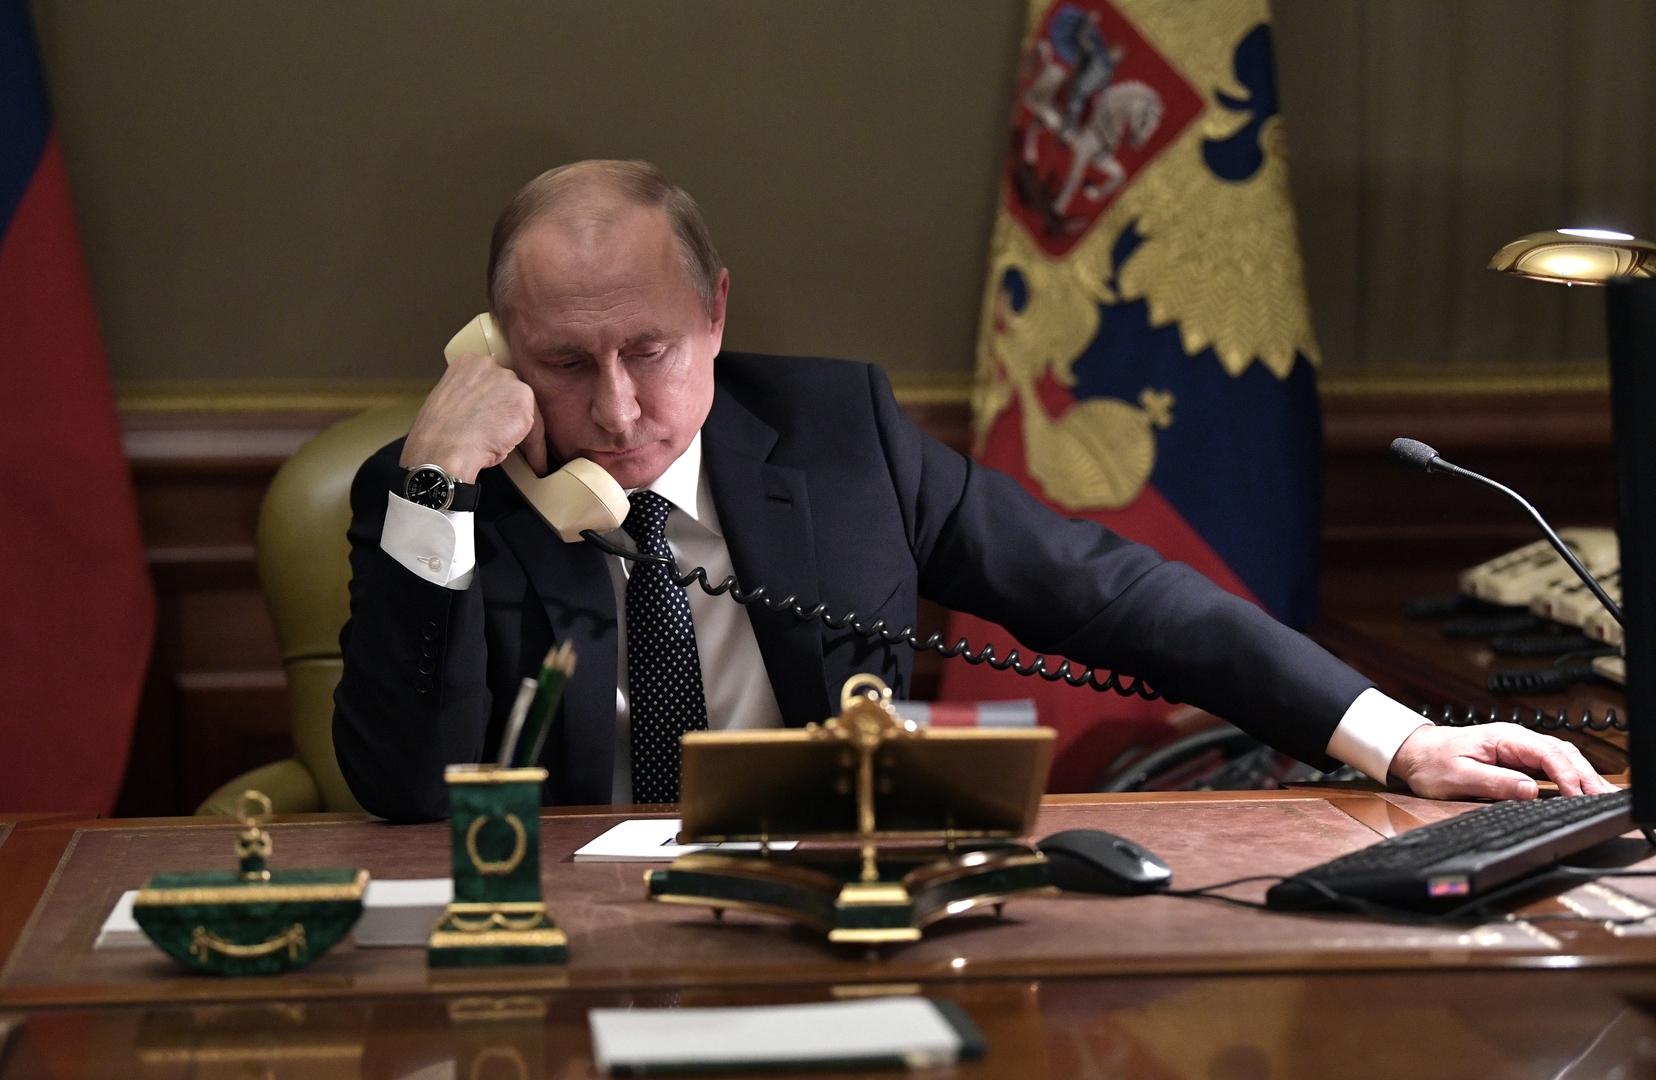 بوتين يؤكد لرئيس وزراء أرمينيا على ضرورة وقف القتال في قره باغ